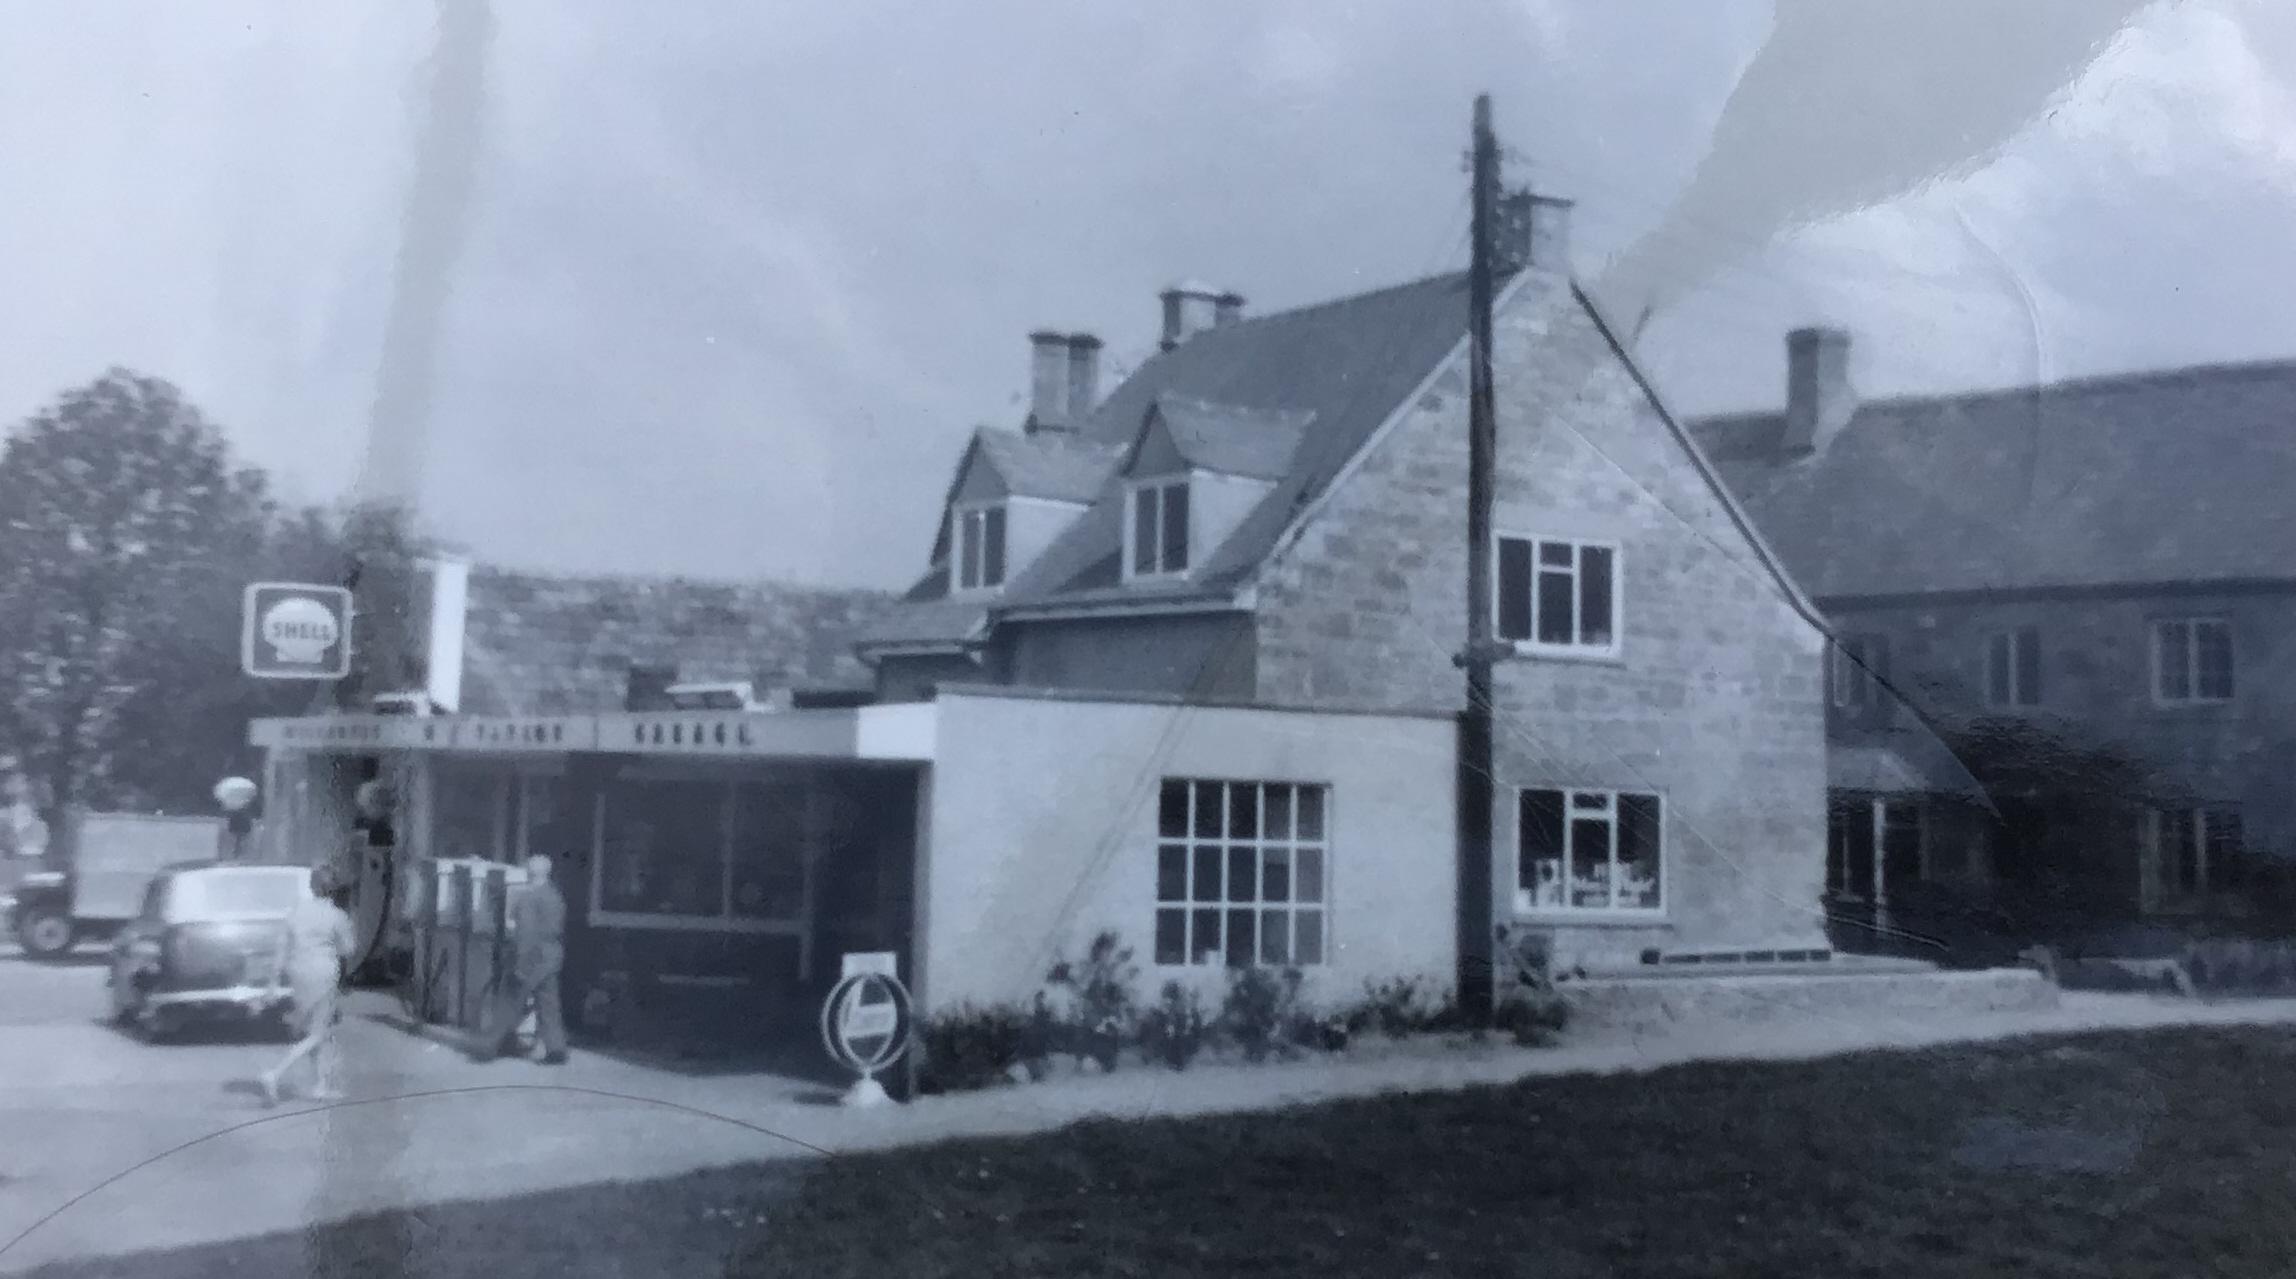 Willersey Garage in 1970